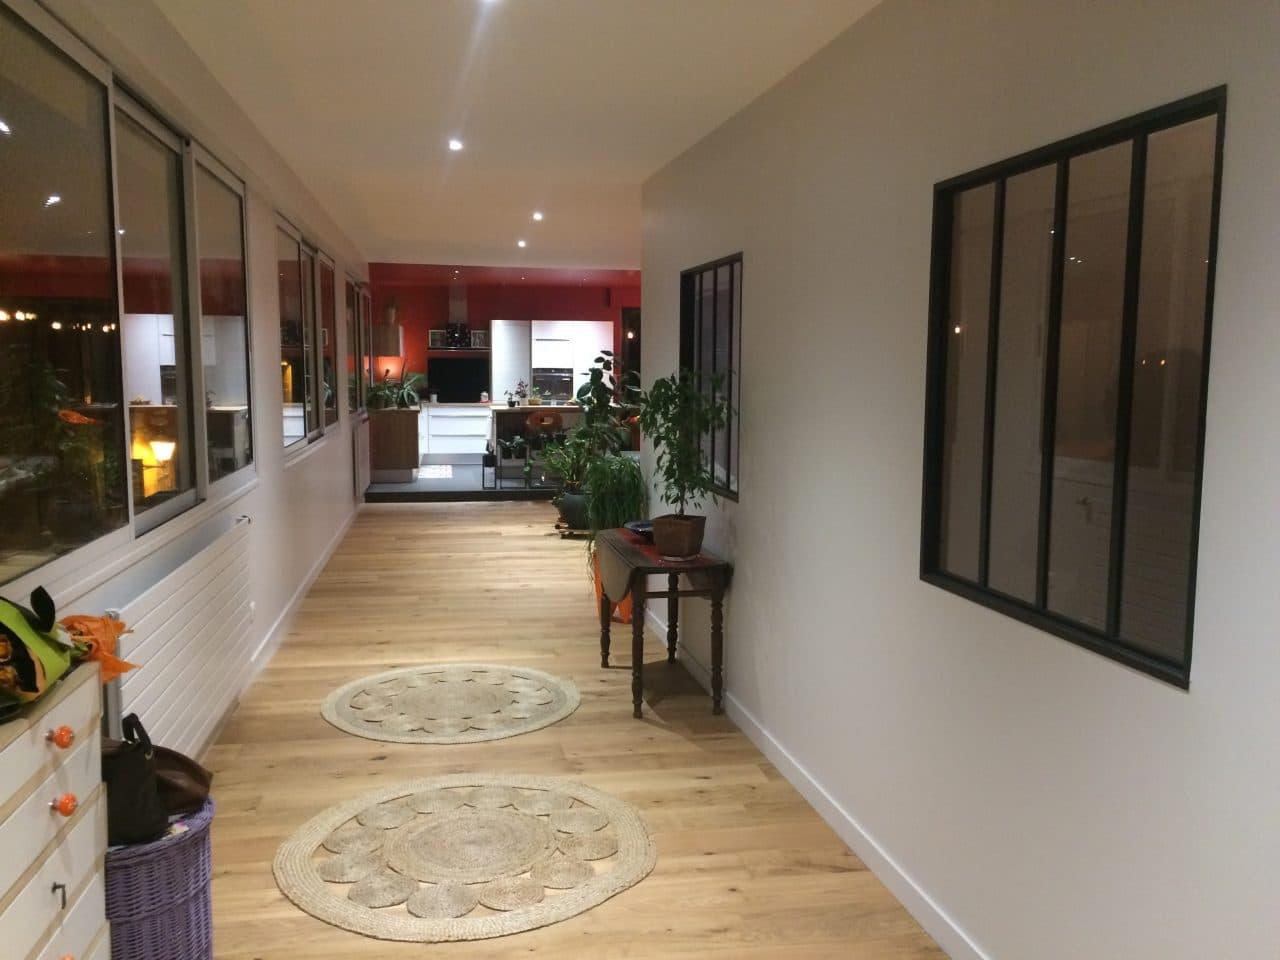 rénovation appartement loft entrée couloir parquet massif verrière d'atelier Niort